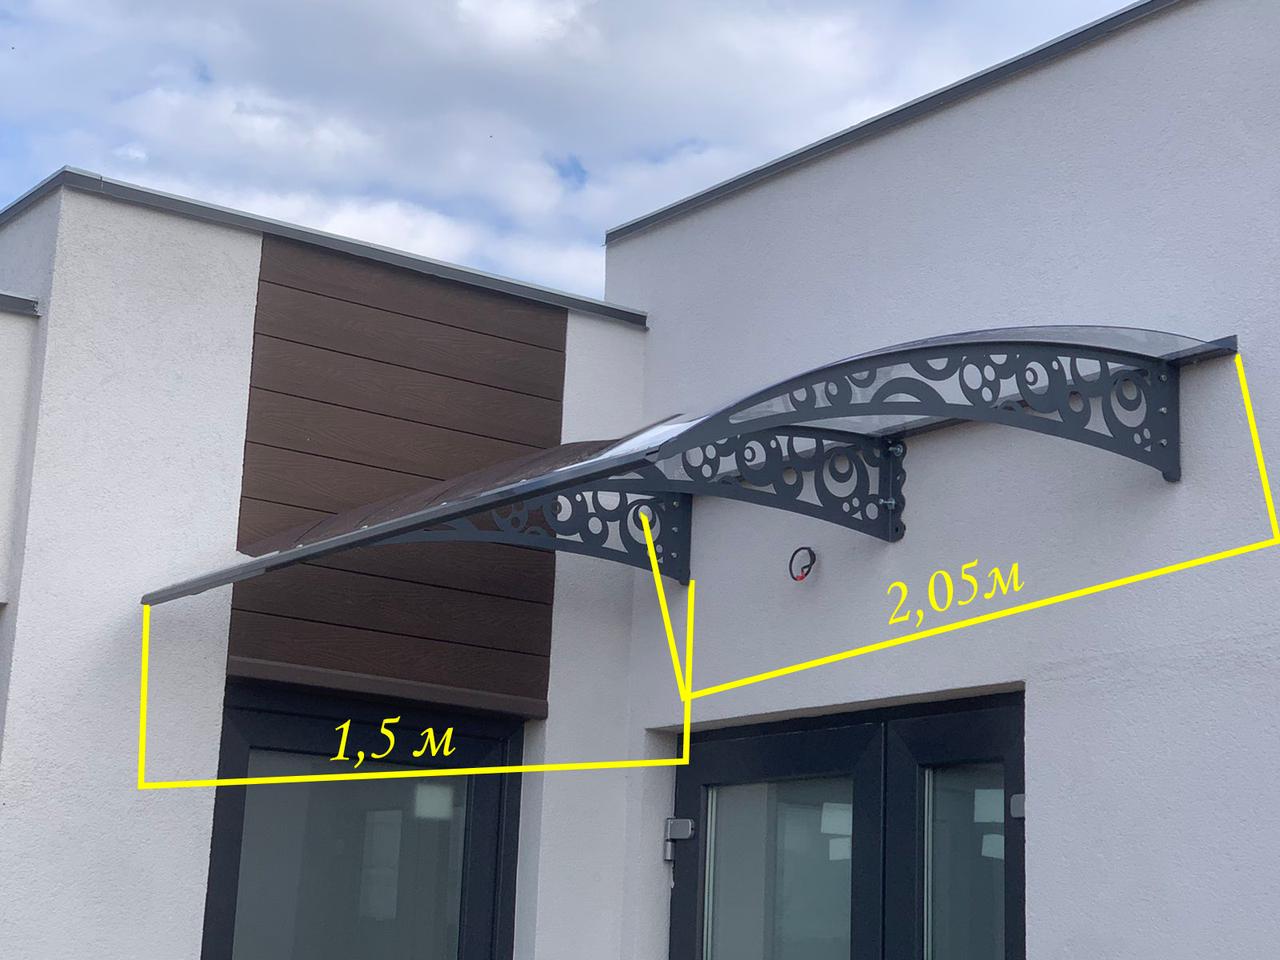 Готовий збірний дашок 2,05х1,5 м Стиль з монолітний полікарбонатом 4 мм